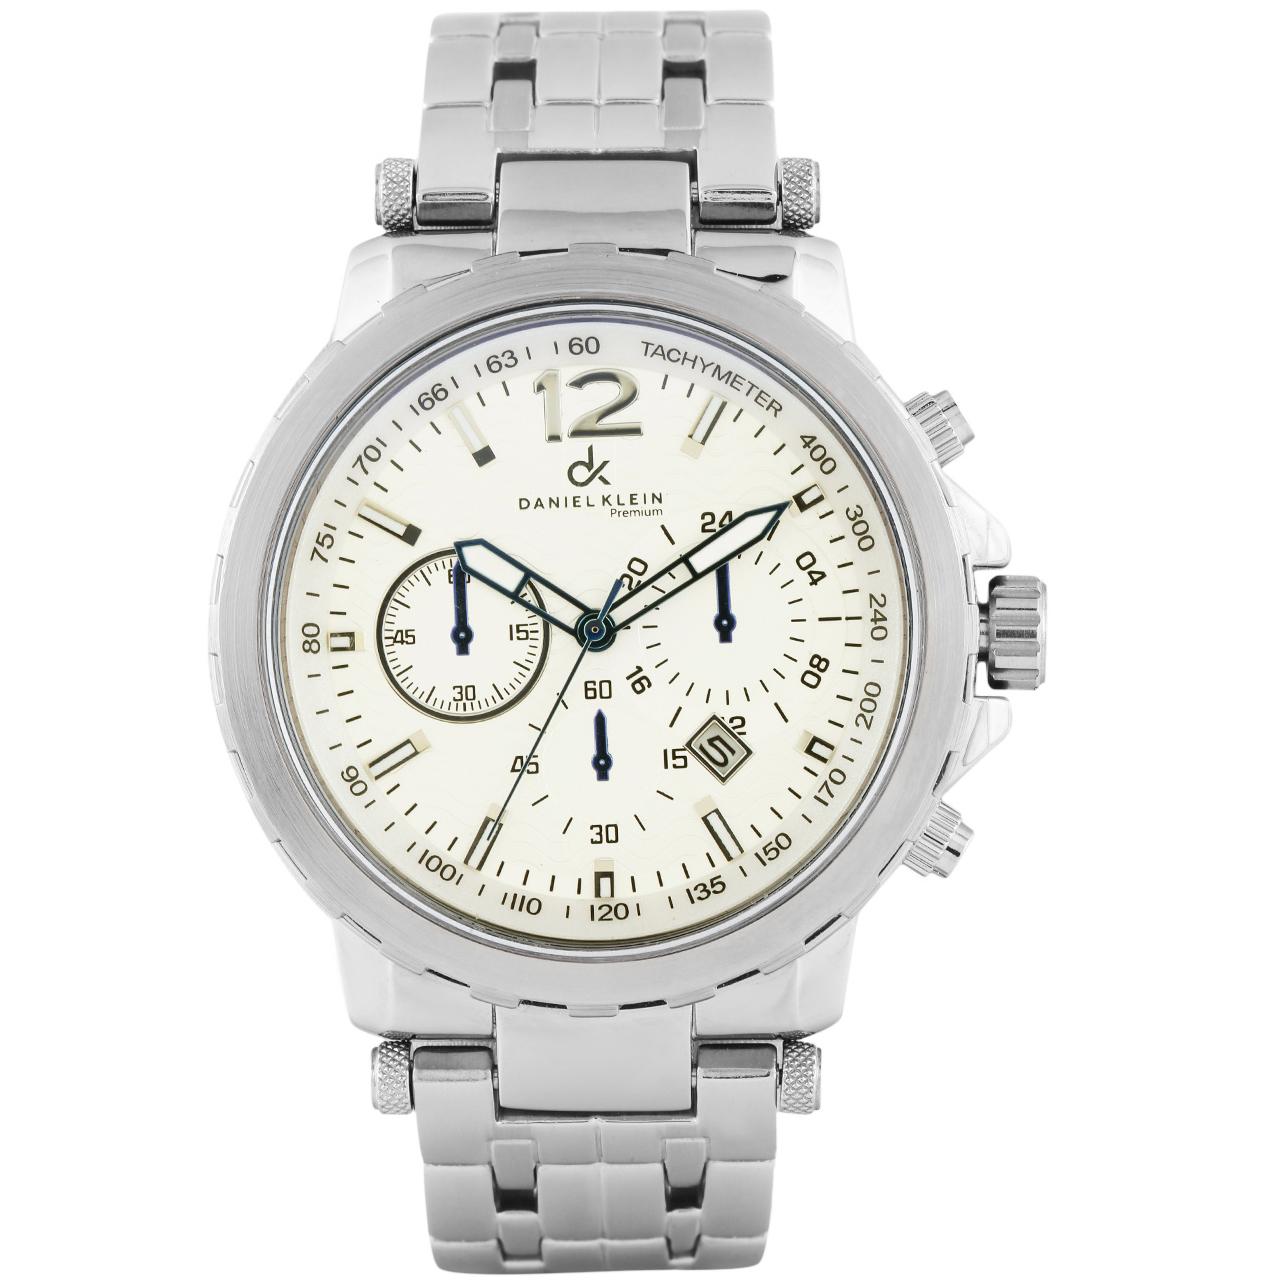 ساعت مچی عقربه ای مردانه دنیل کلین مدل Premium DK10236-4